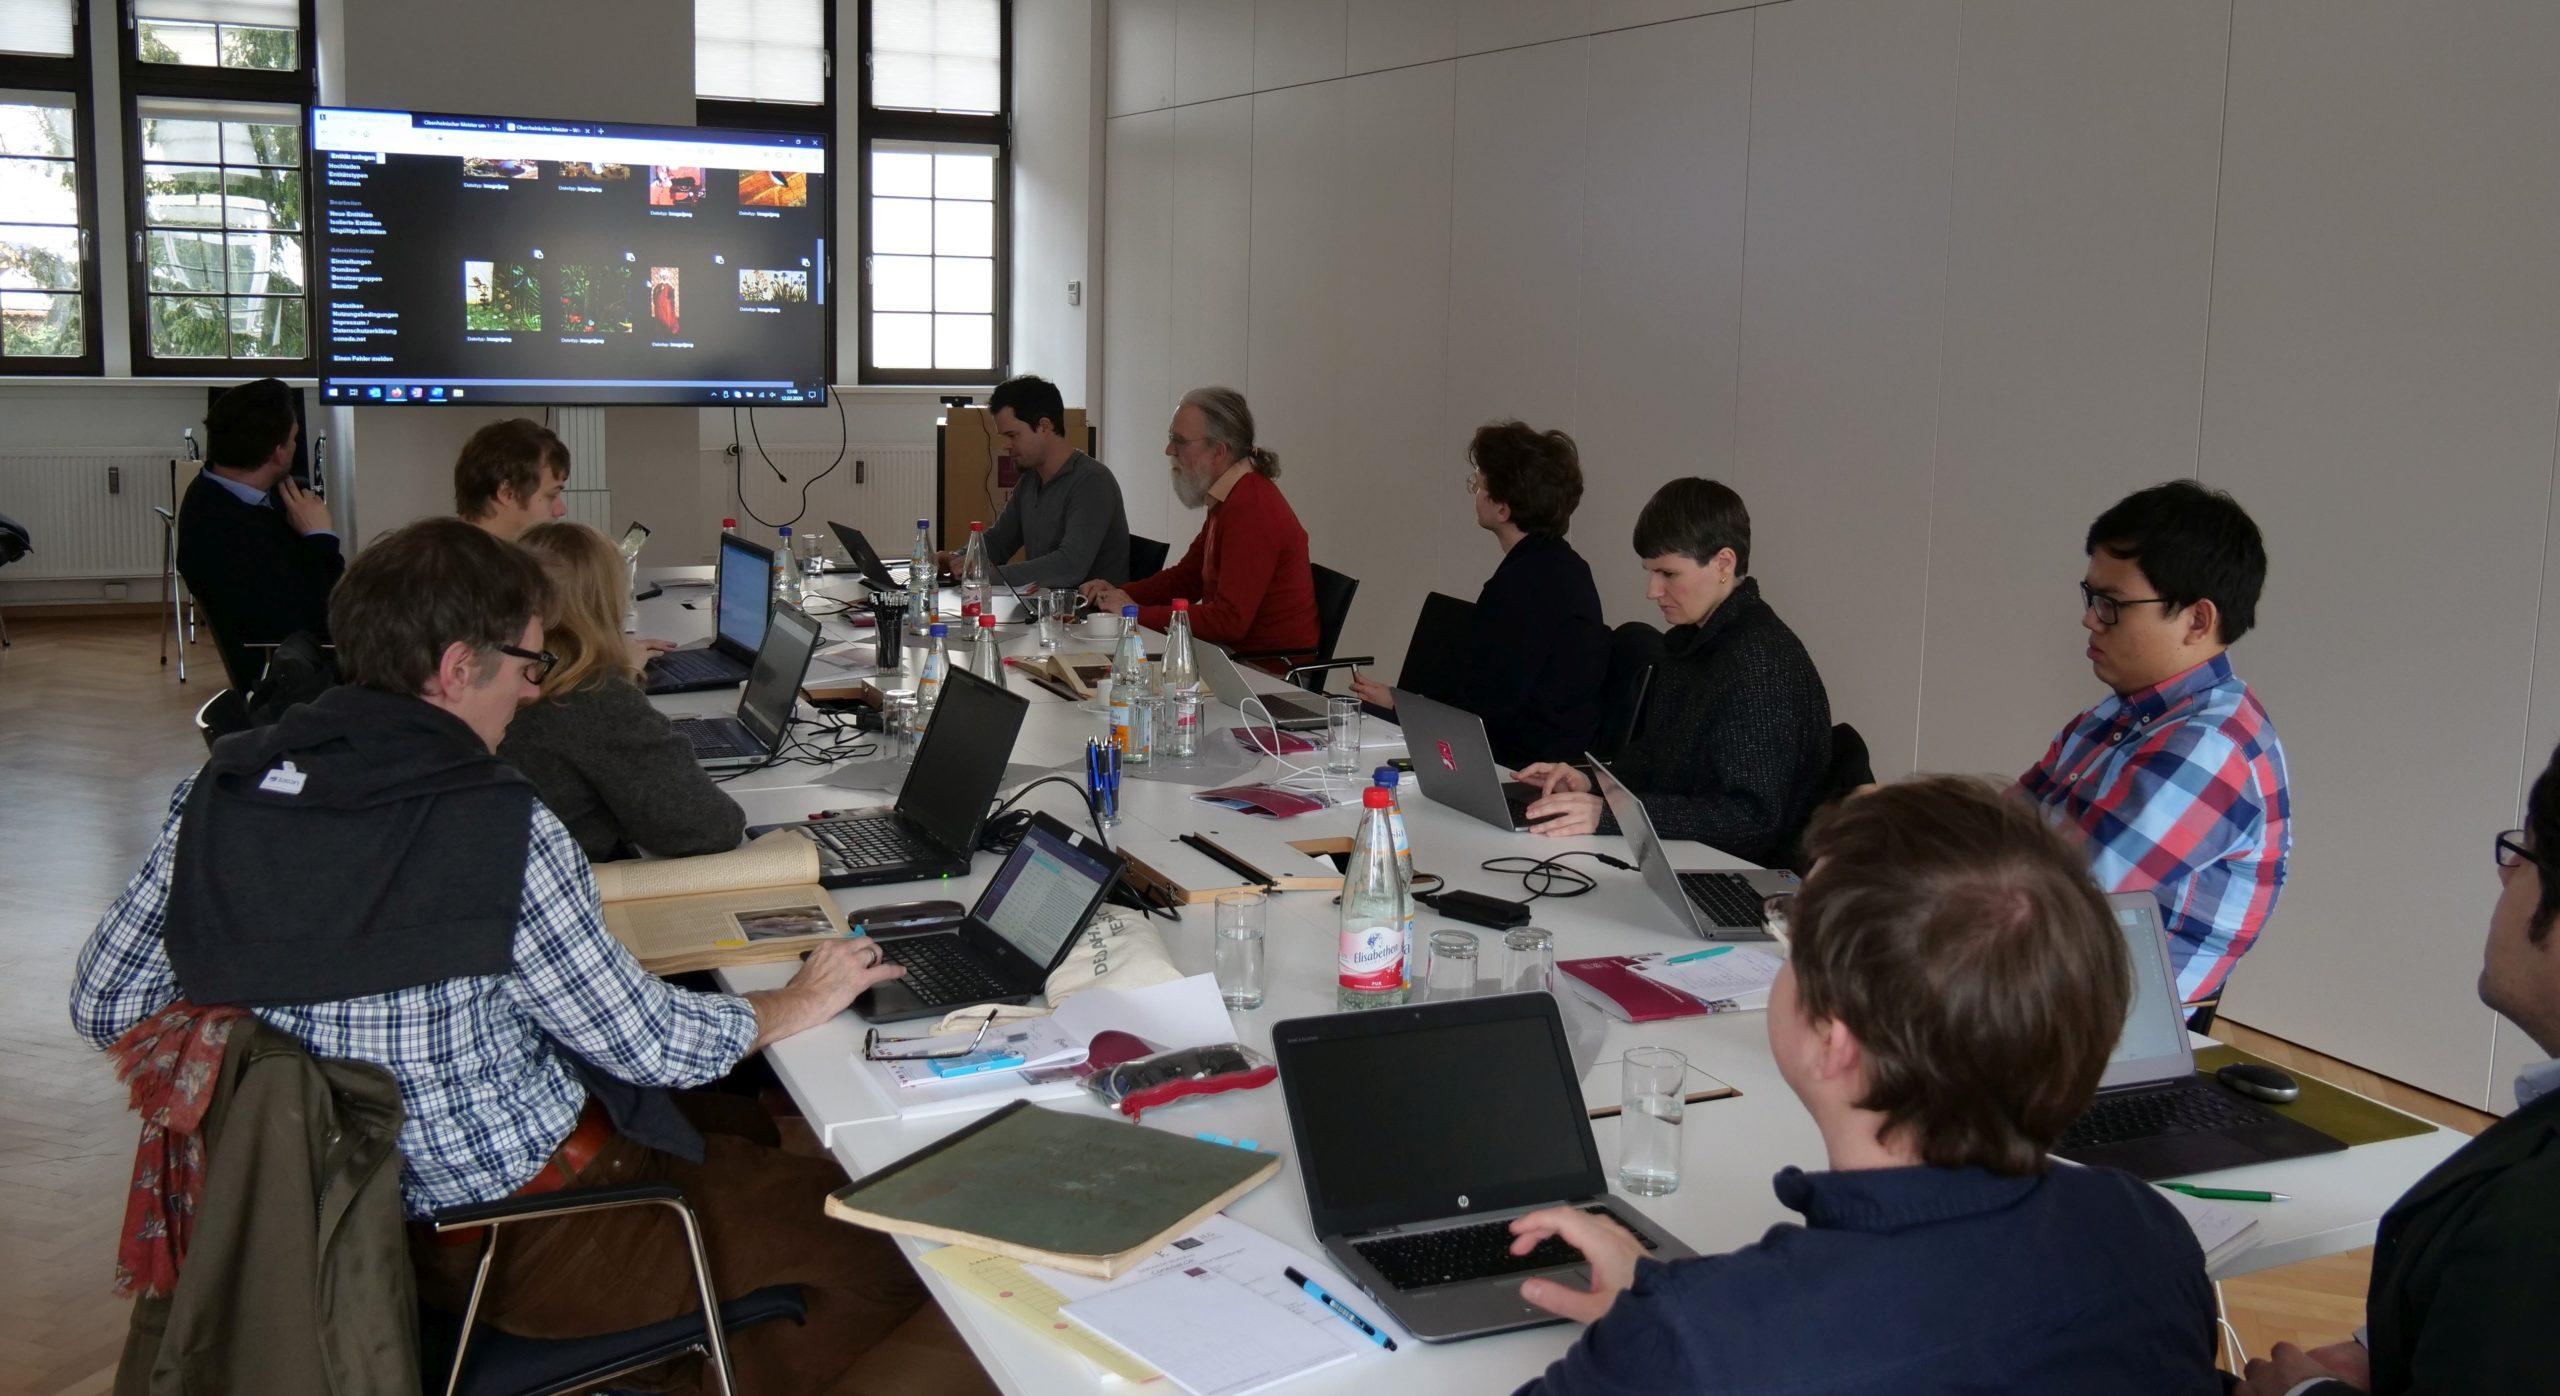 Die Teilnehmenden des DARIAH-DE-Workshops ConedaKOR in der Diskussion